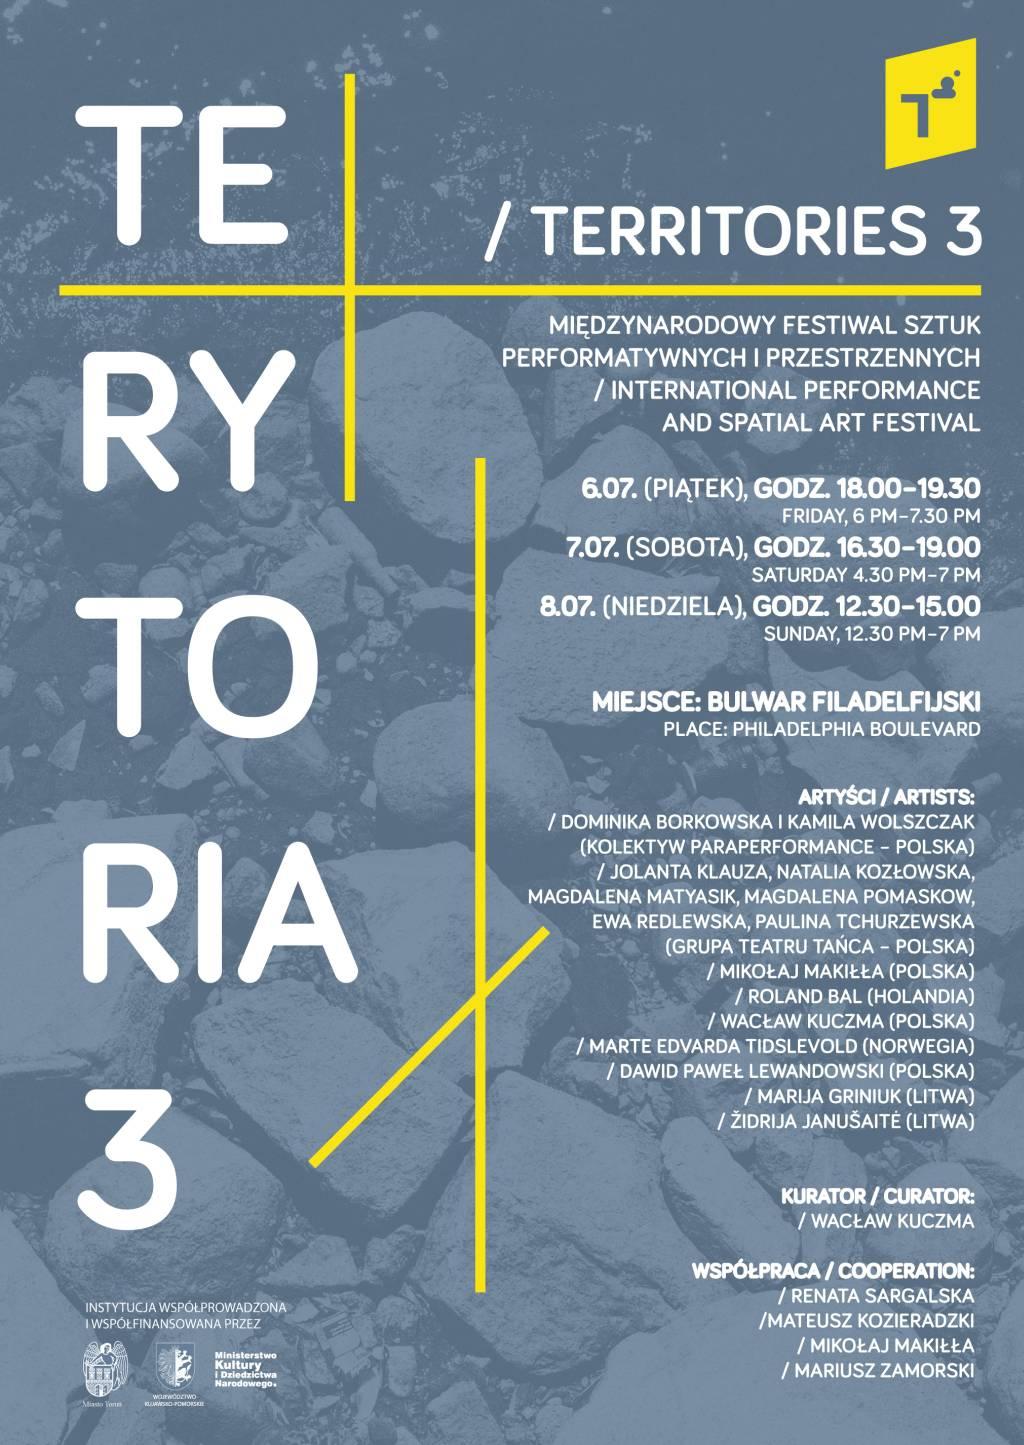 Terytoria. Festiwalu Sztuk Performatywnych i Przestrzennych (źródło: materiały prasowe organizatora)